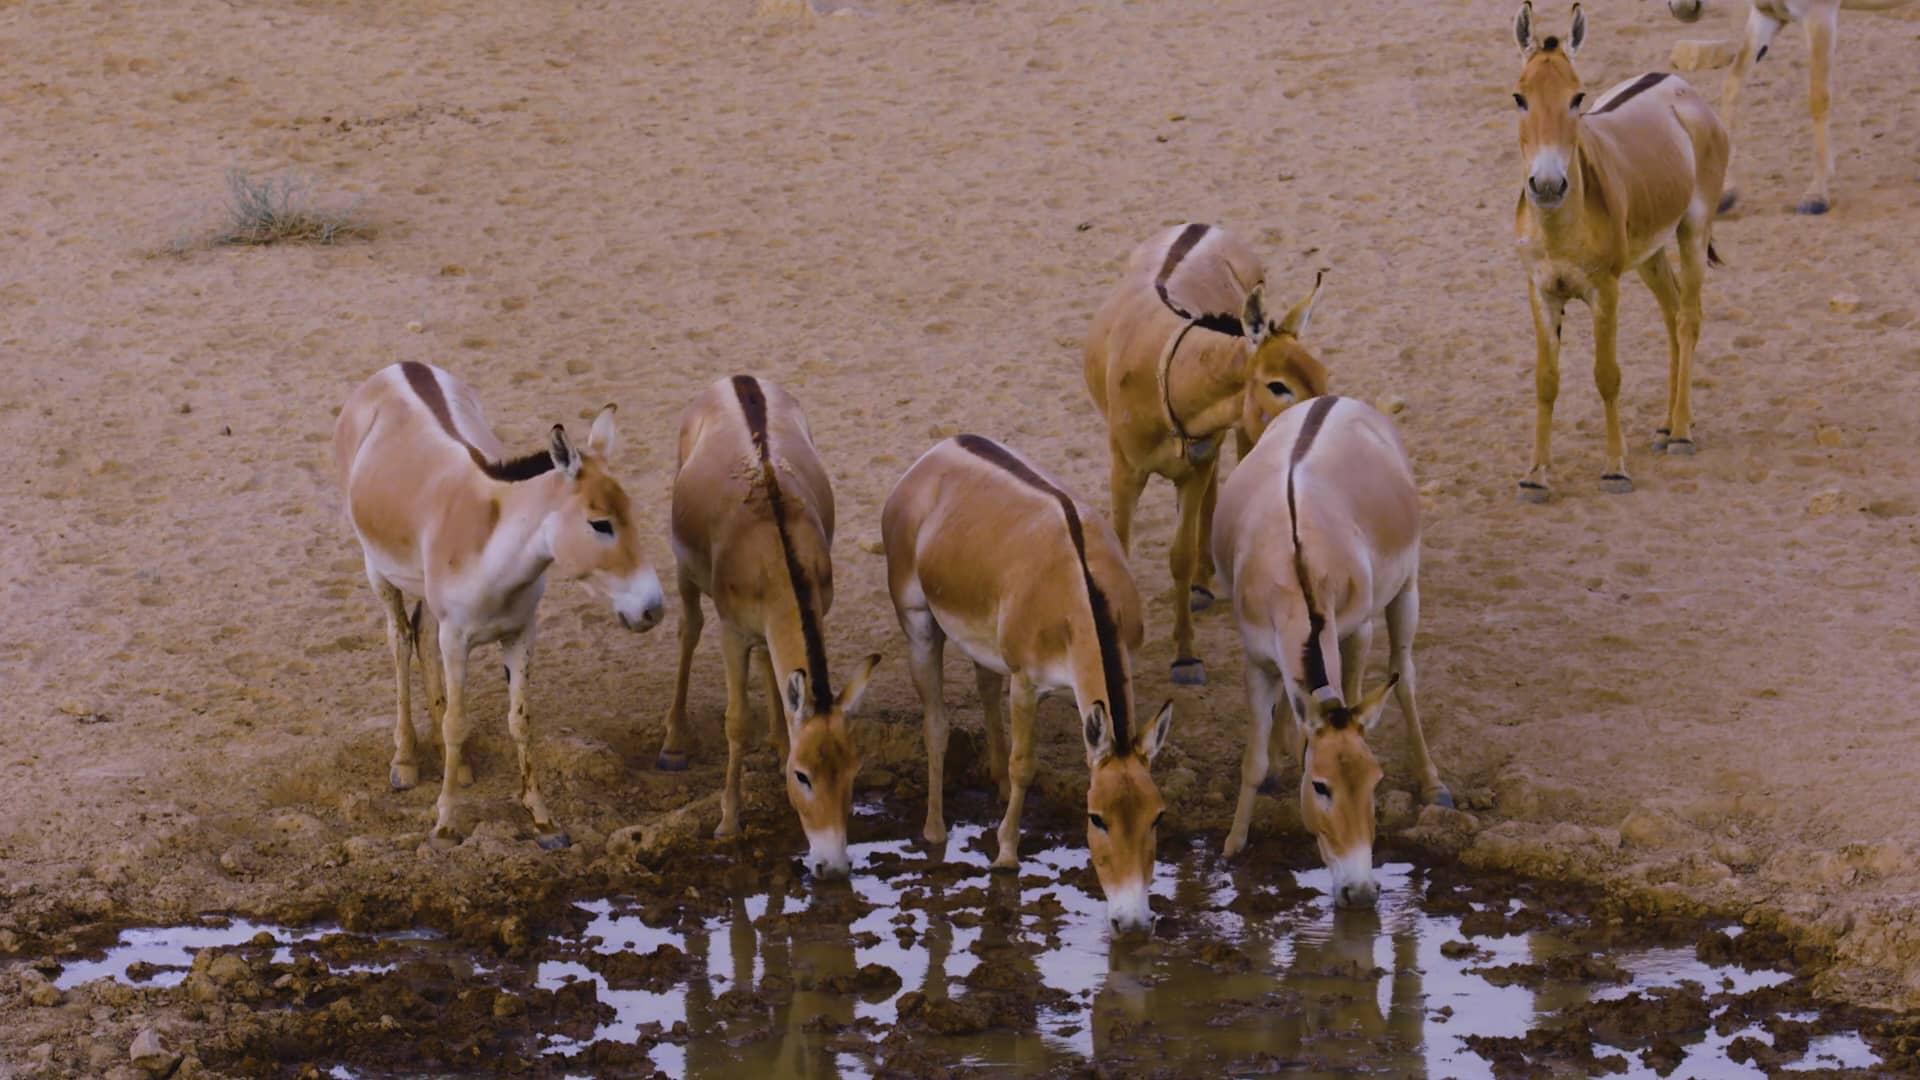 上图:以色列的亚洲野驴(Onager or Asiatic wild ass),从未被驯化过,时速可高达70公里。